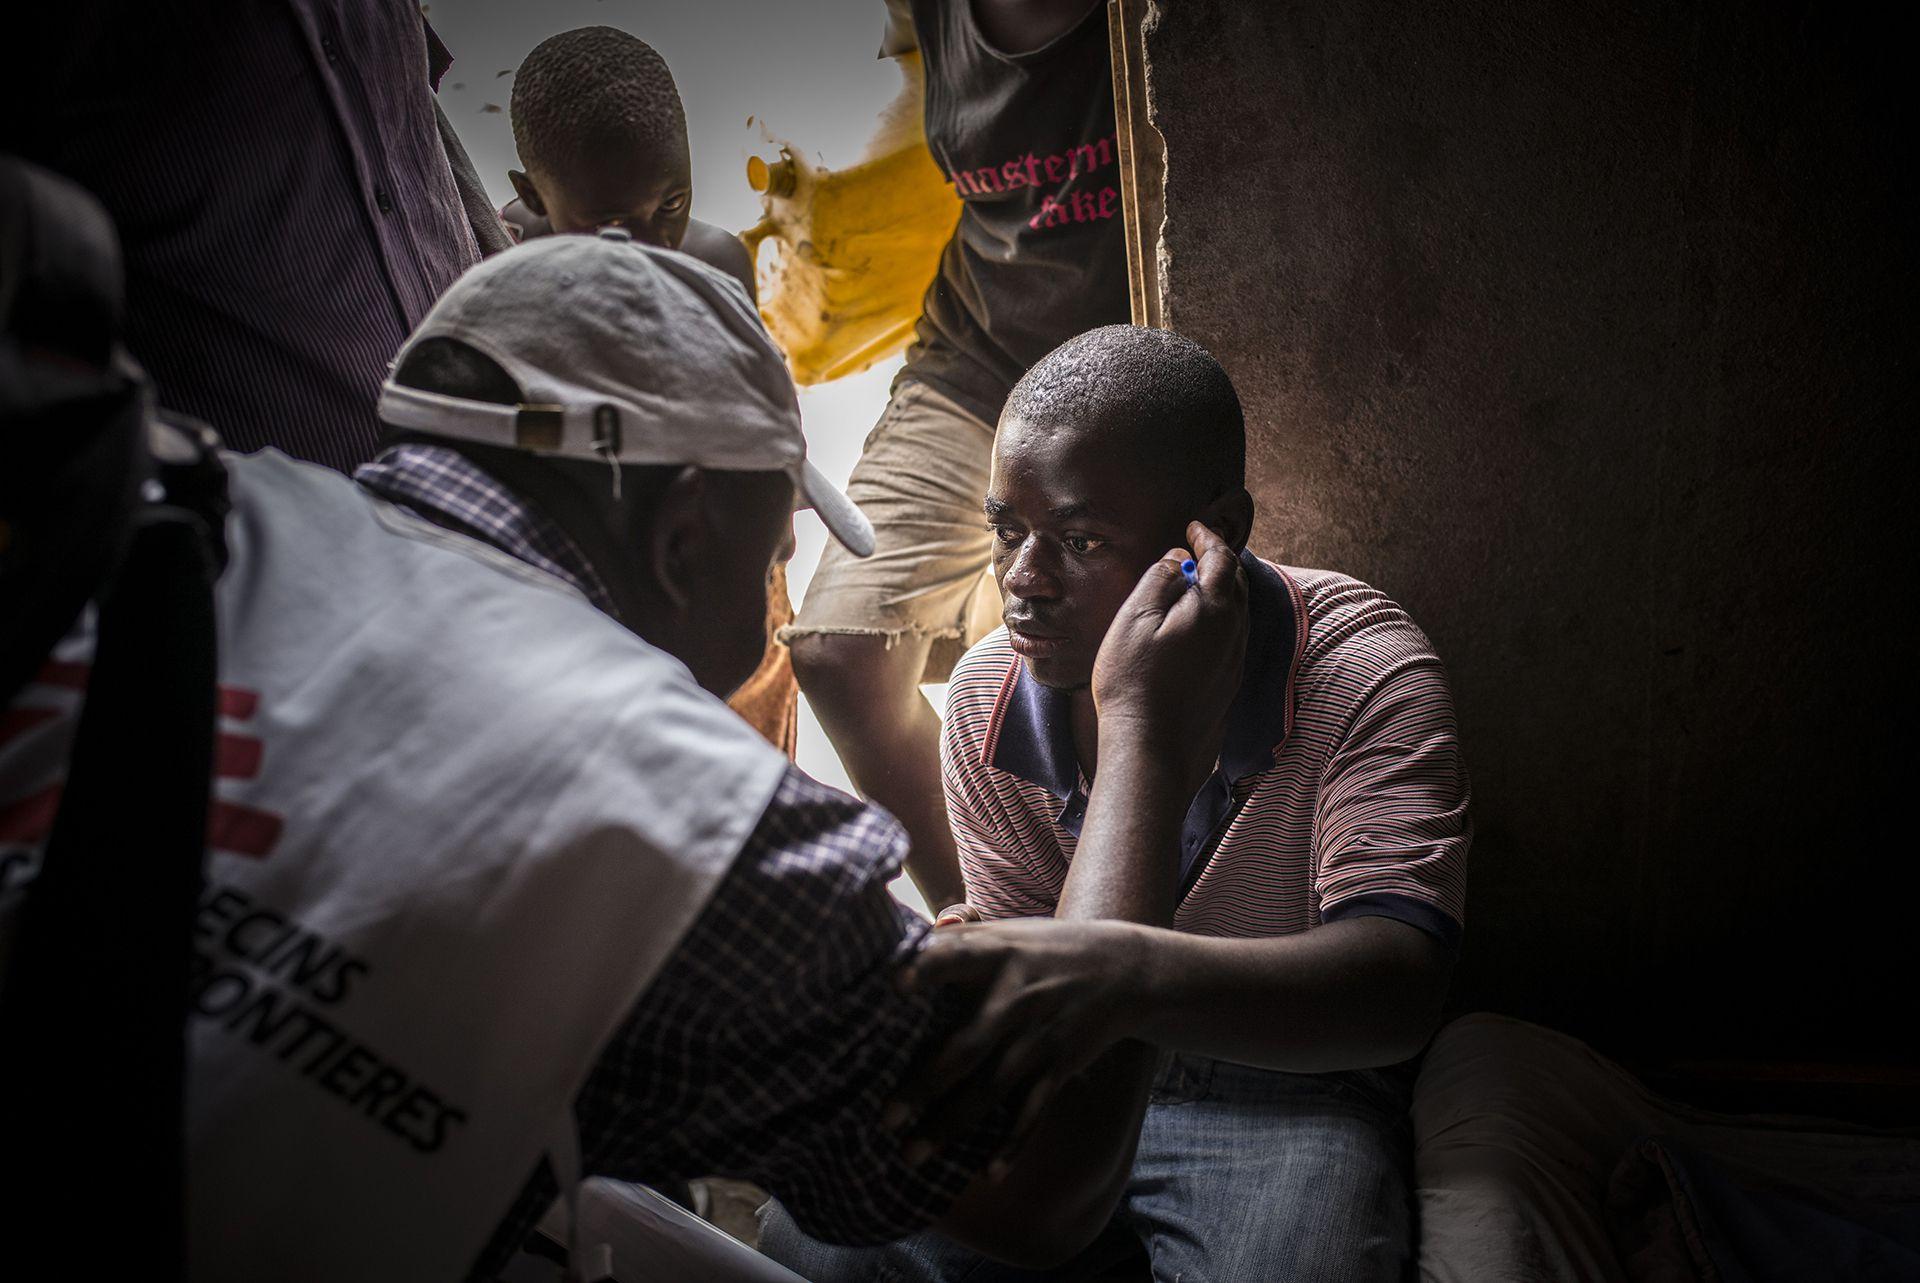 Una estimación matemática habla de un aumento importante en el número de casos por VIH en África del Sur y África del Este por la pandemia COVID-19 (©Guillaume Binet/MYOP)